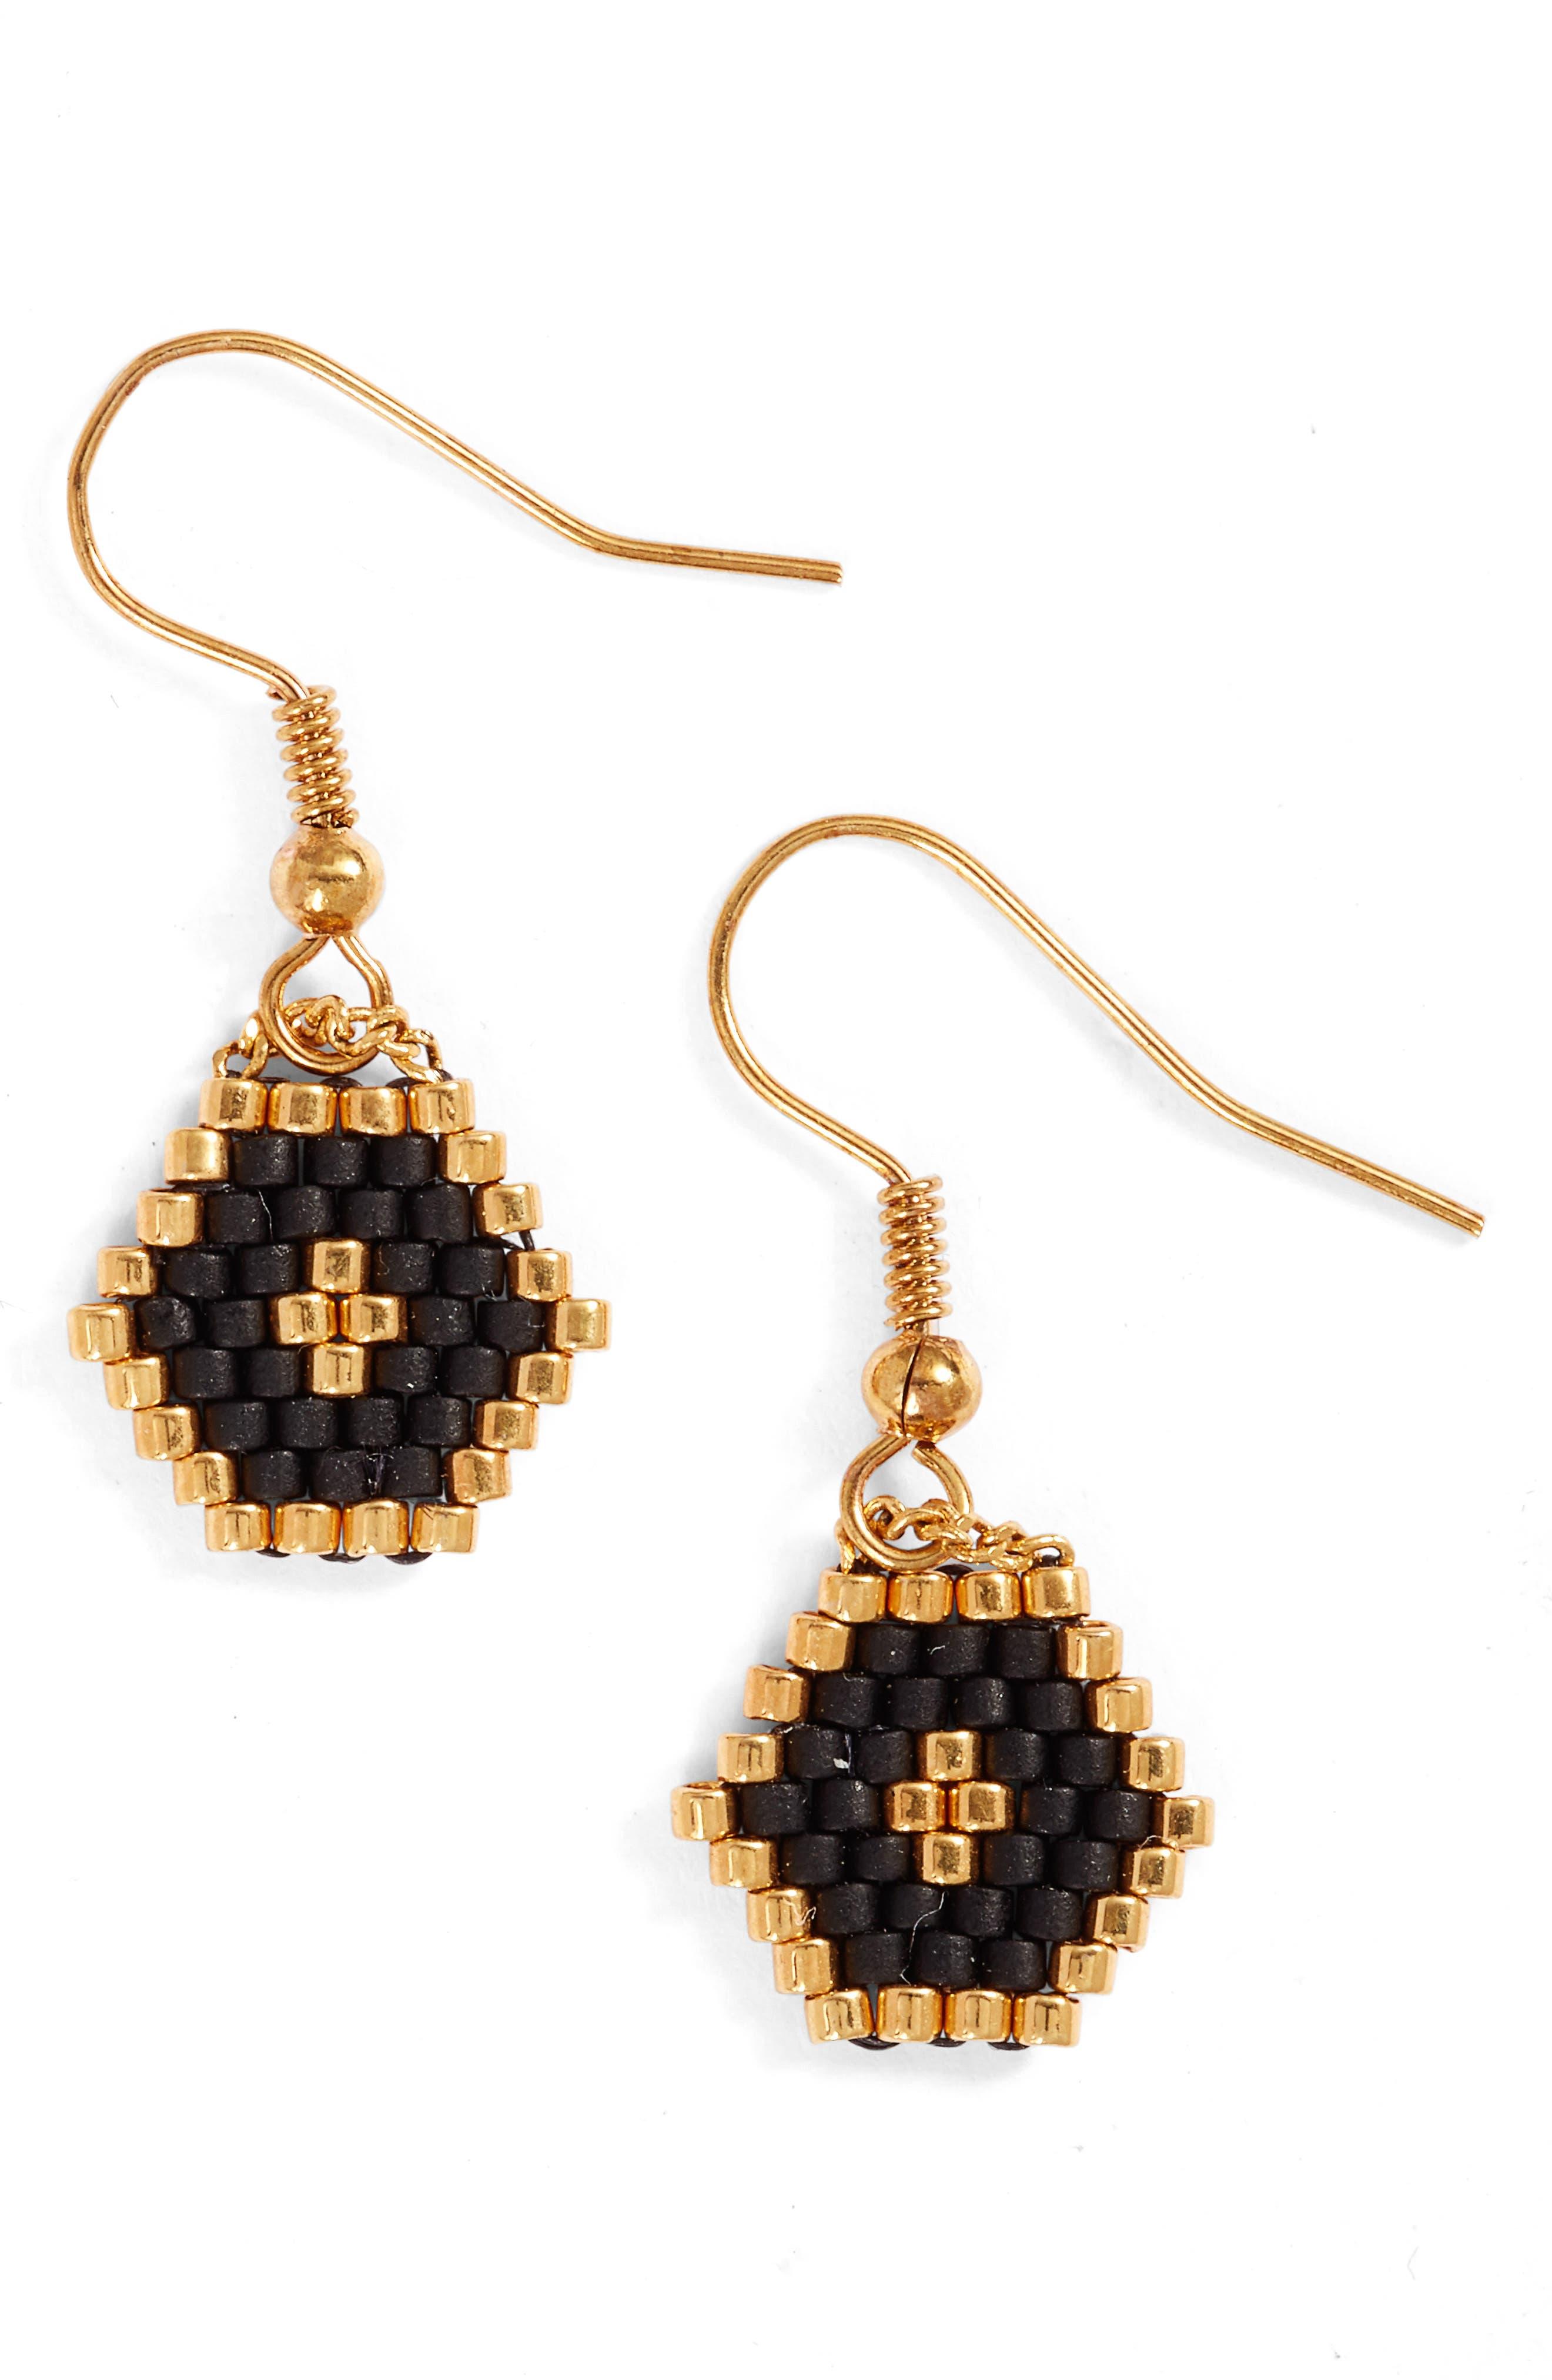 ELISE M. Hexy Seed Bead Earrings